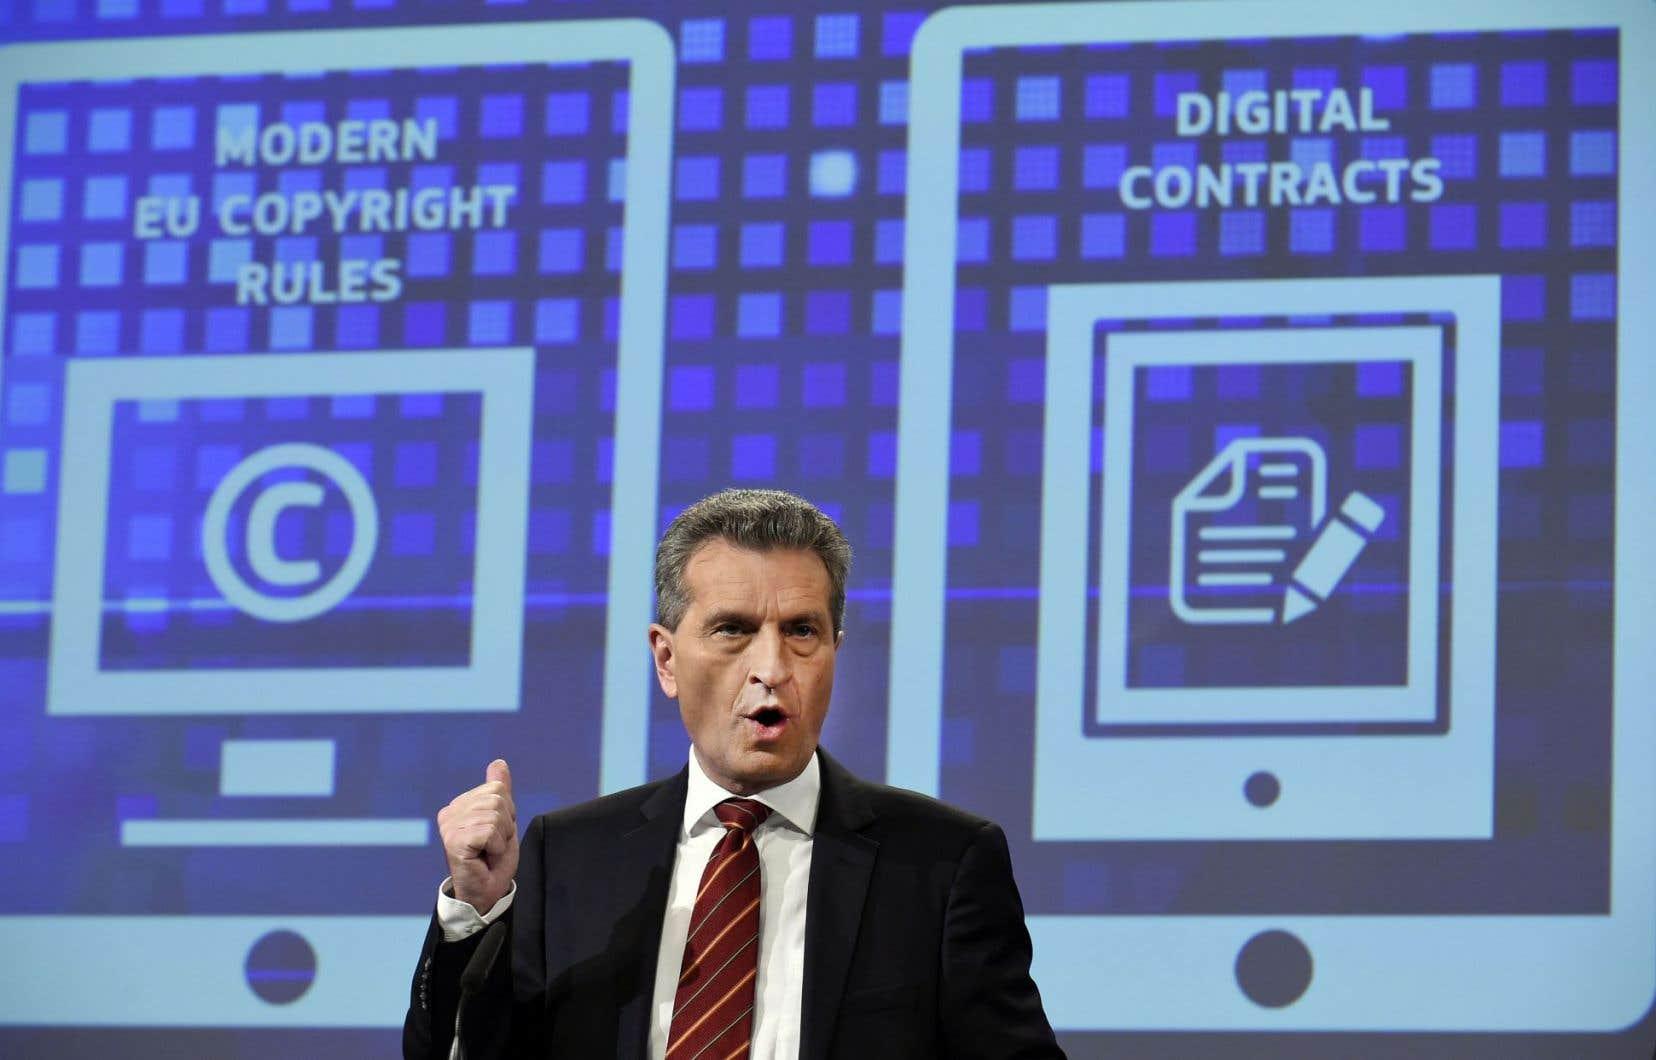 Le commissaire européen pour l'Économie numérique, Günther Oettinger